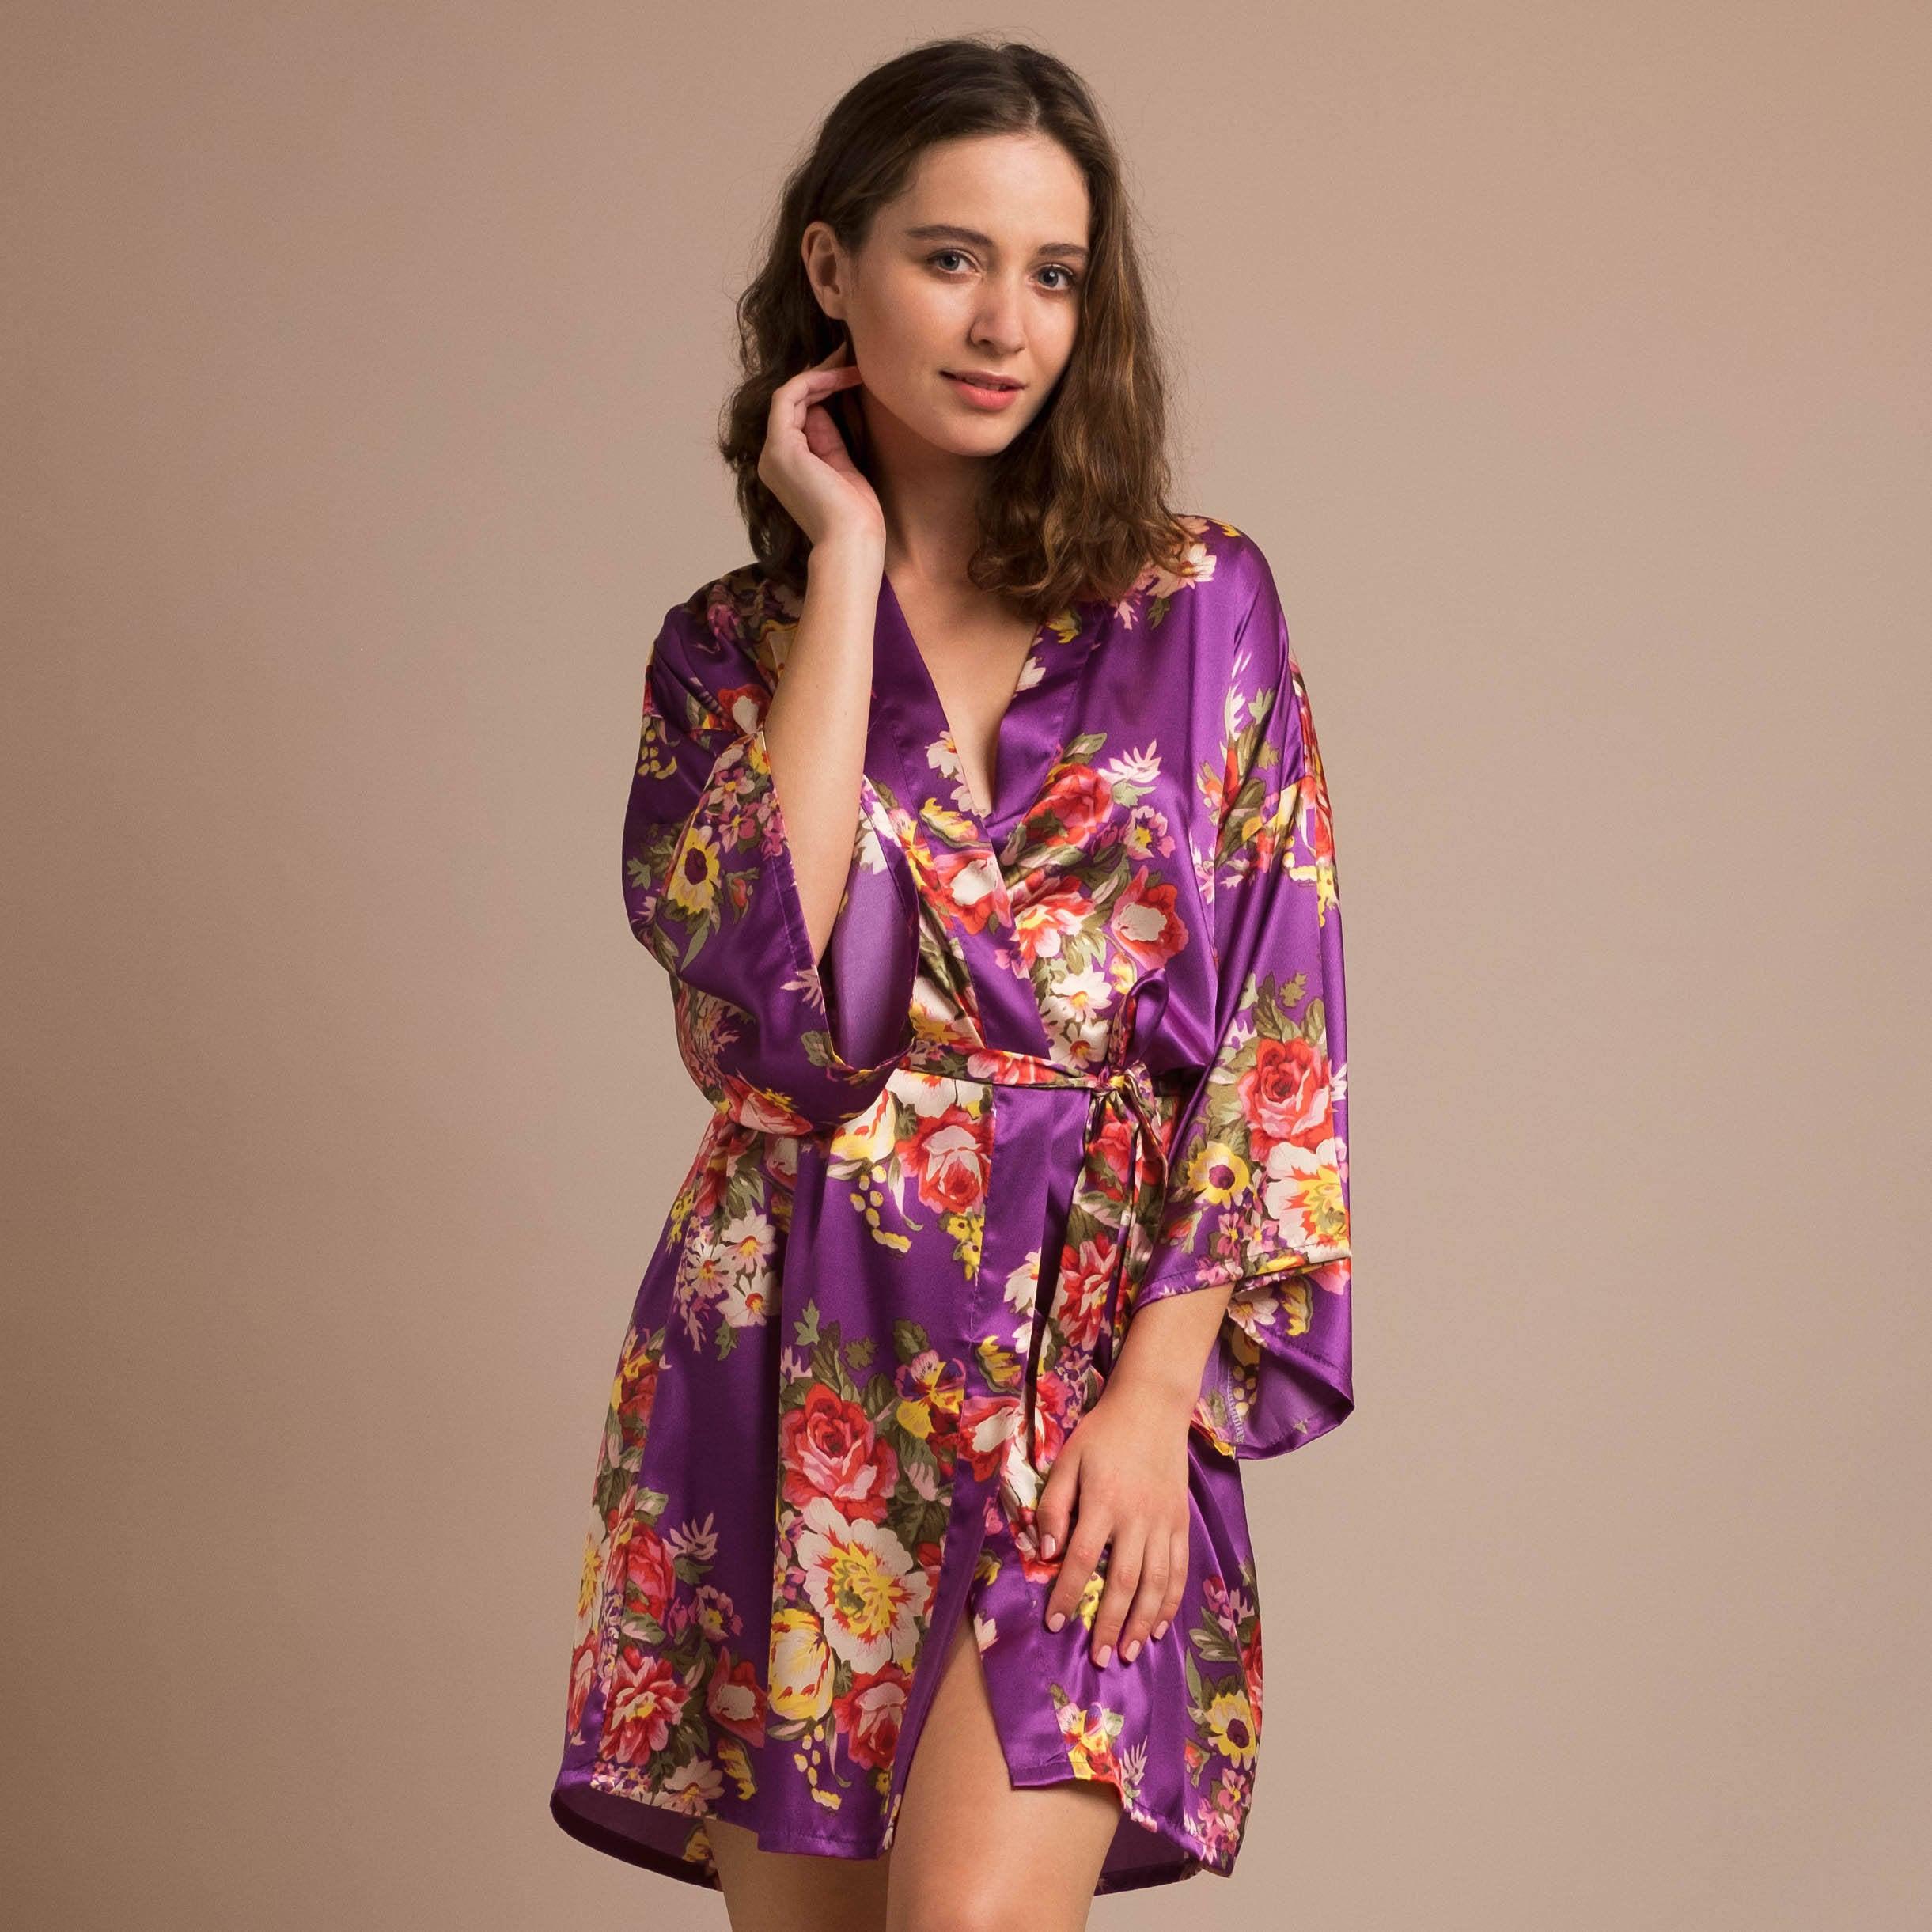 lilac bridesmaid robes - HD2442×2442